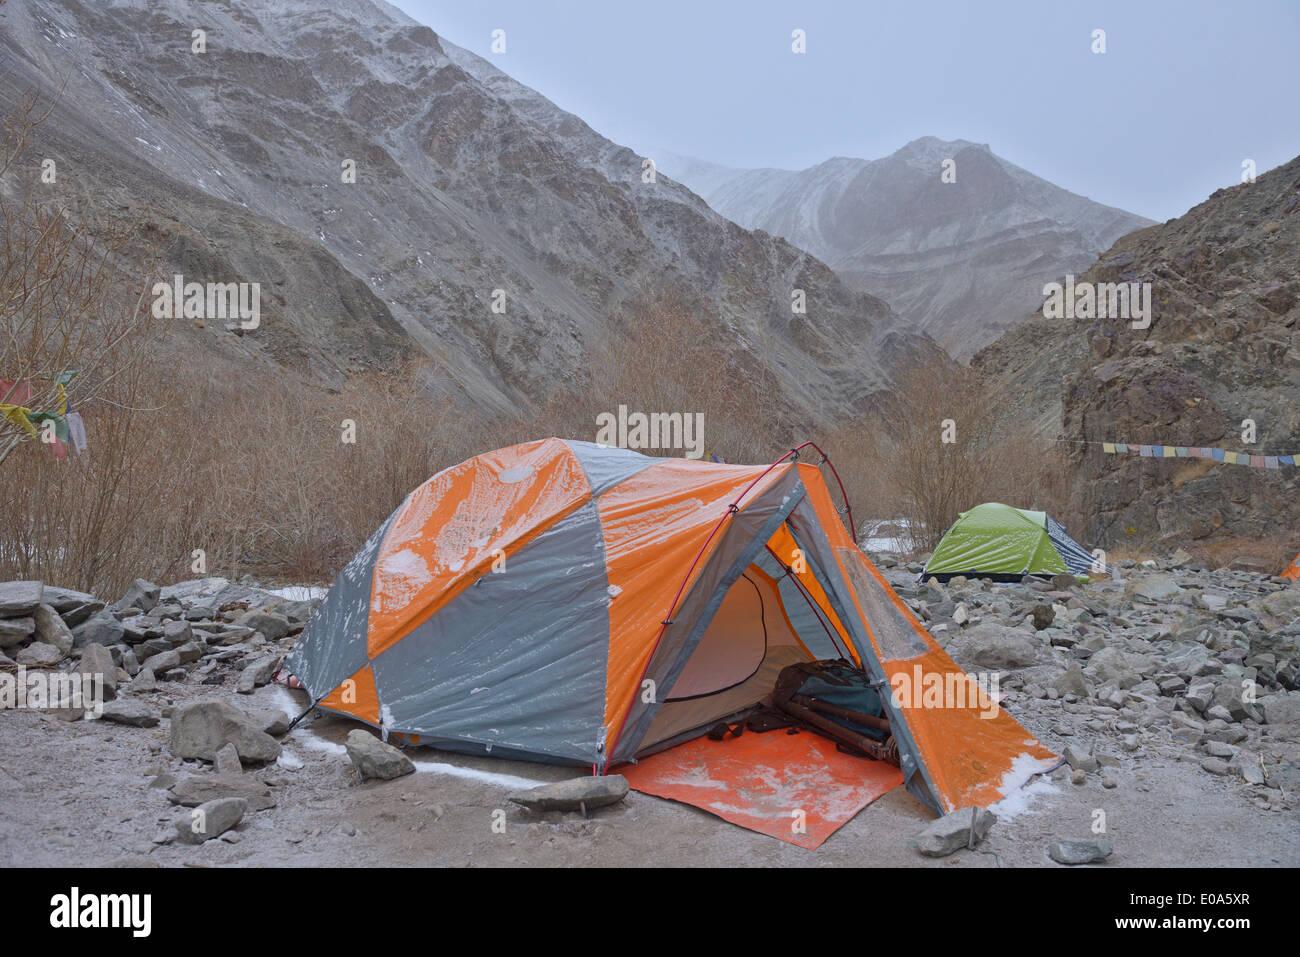 High altitude trekking camp in Hemis national park, Ladak, India - Stock Image